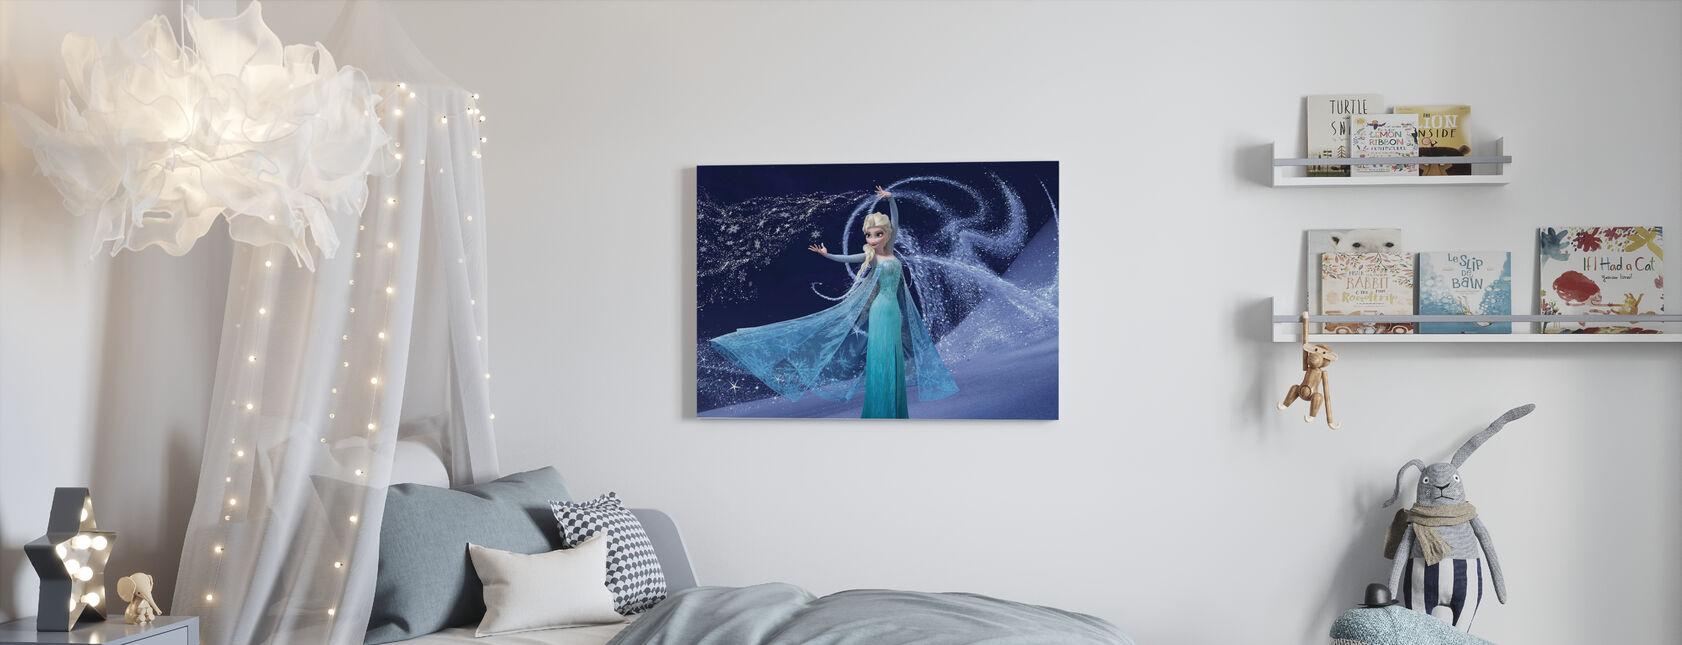 Jäätynyt - Magic Elsa - Canvastaulu - Lastenhuone